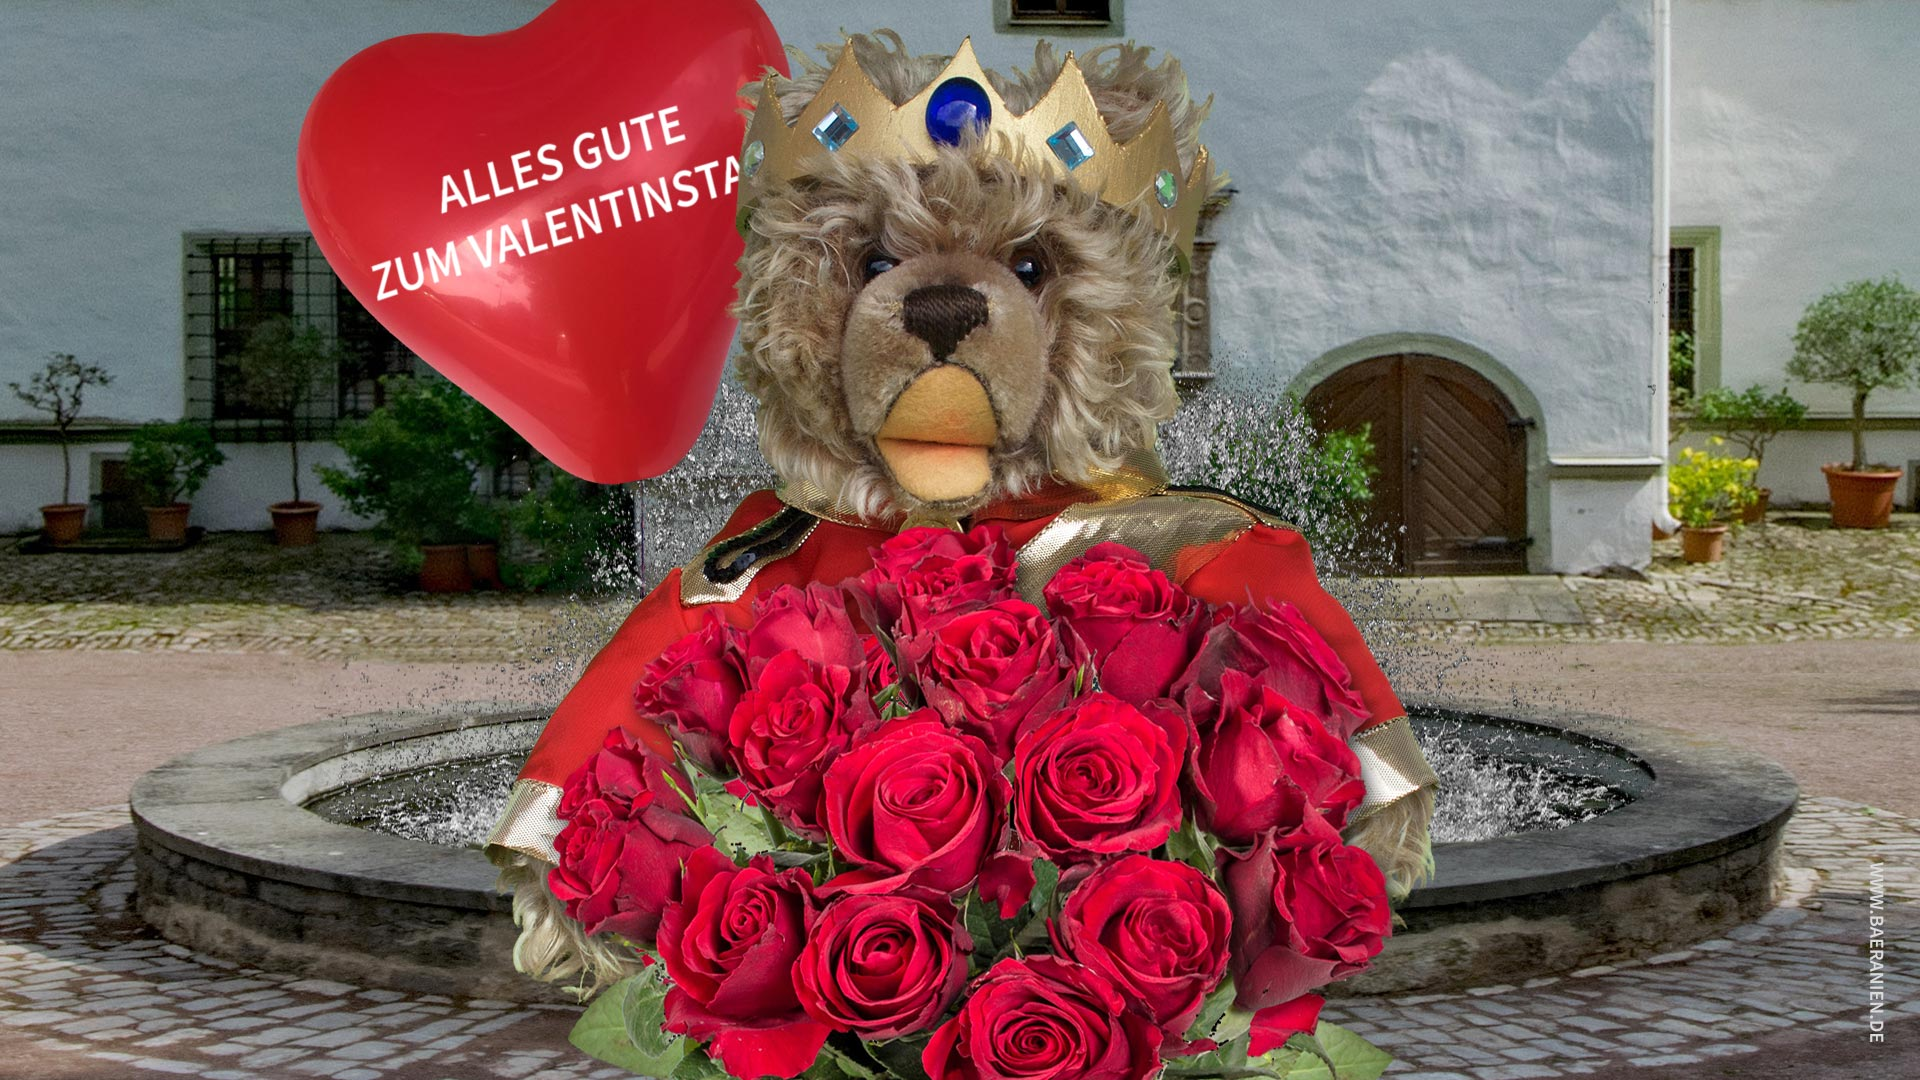 König Opa und Grüße zum Valentinstag